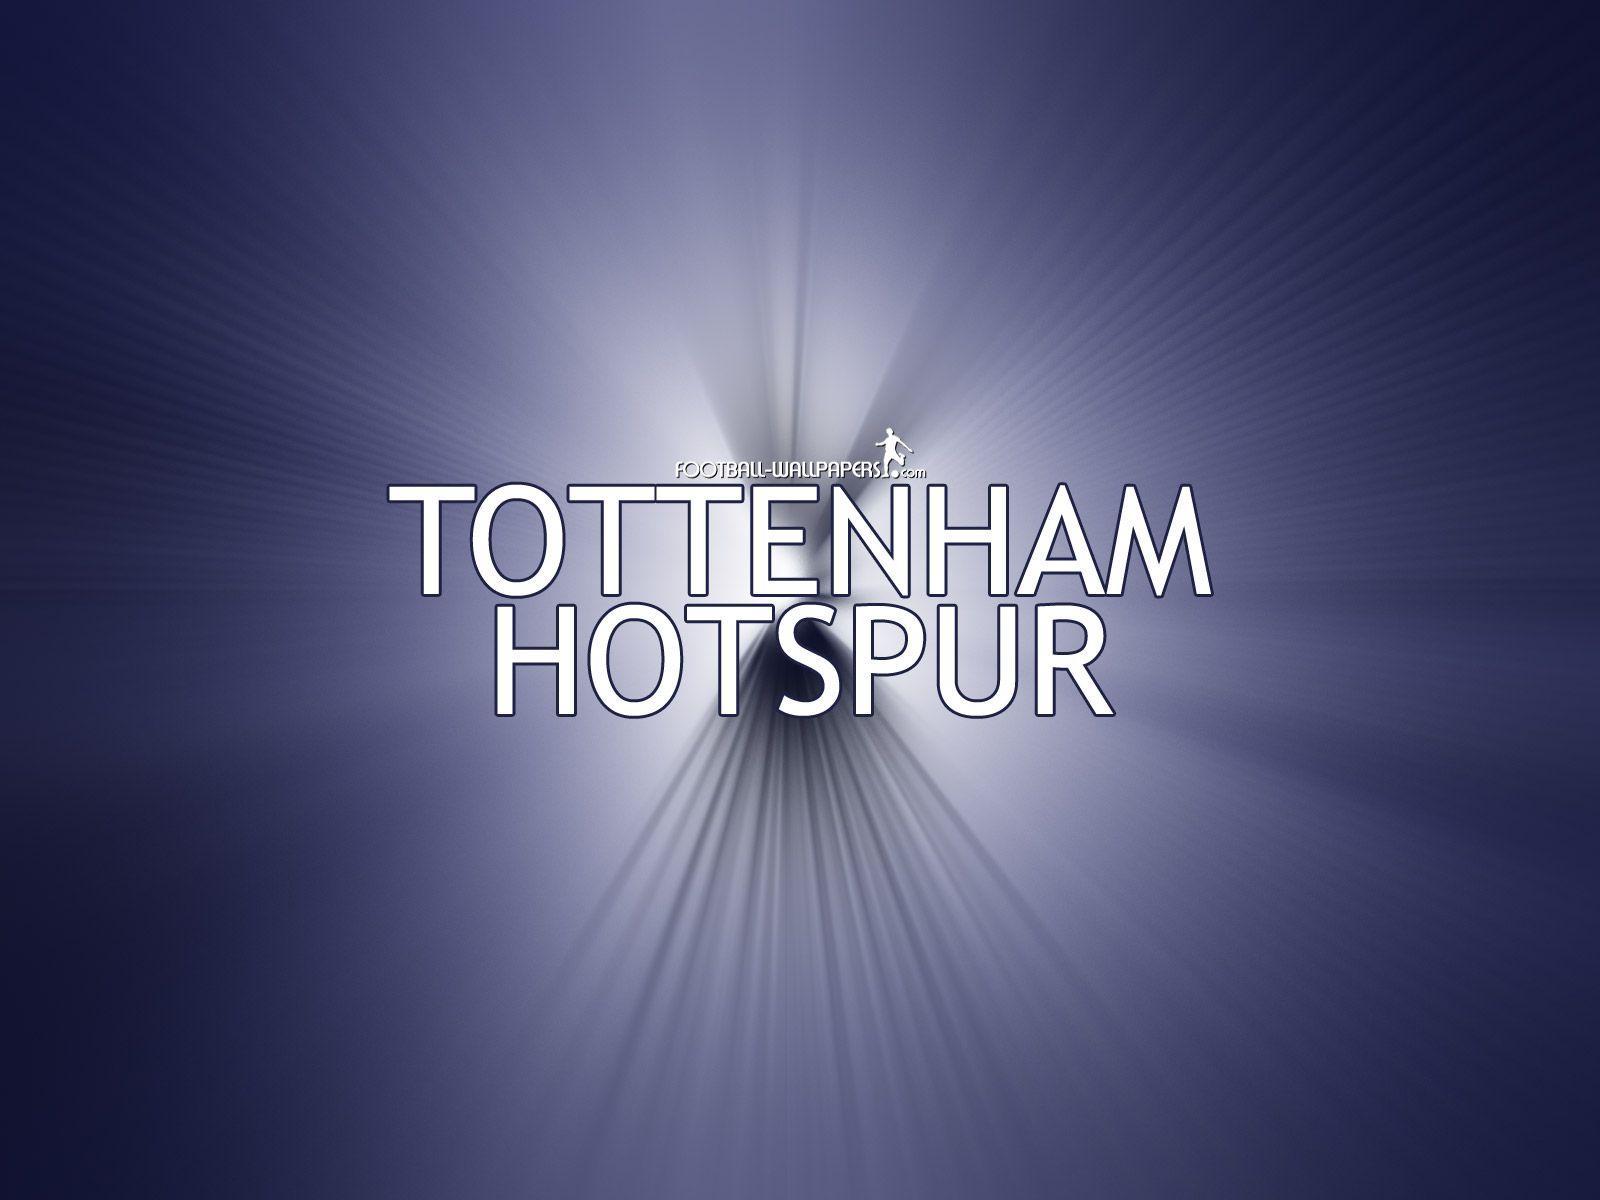 Tottenham wallpapers wallpaper cave tottenham hotspur football club hd wallpaper 16412 wallpaper voltagebd Image collections